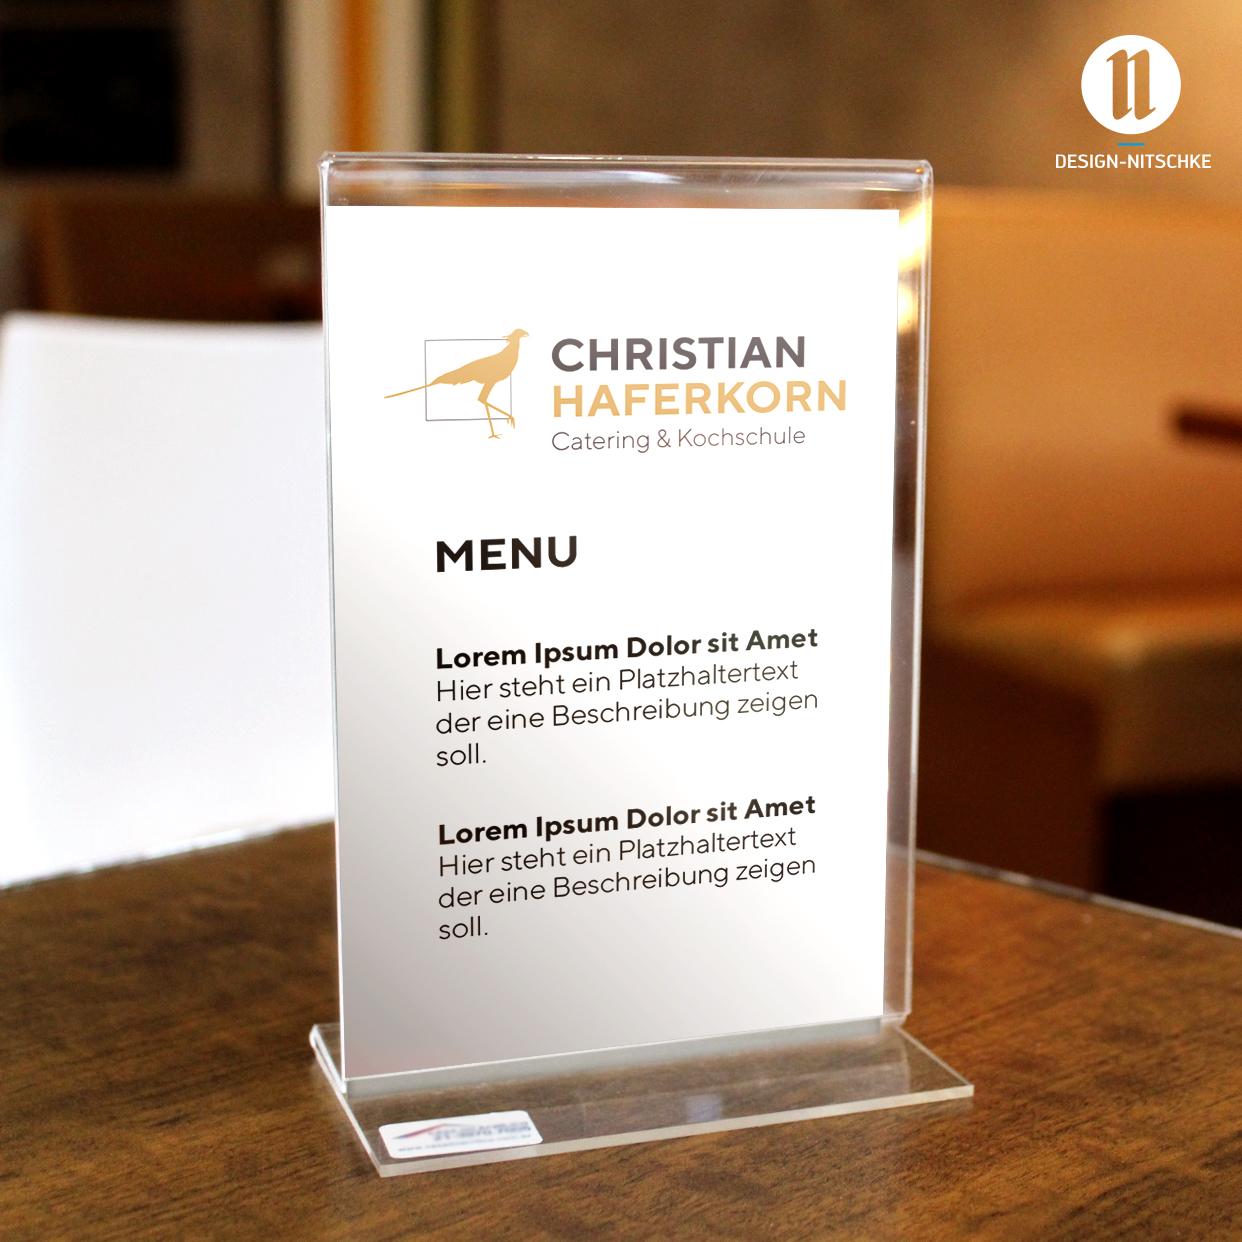 christian_haferkorn_kochschule_speisekarte_braun_weiss_catering_werbeagentur_oranienburg_design_nitschke.jpg